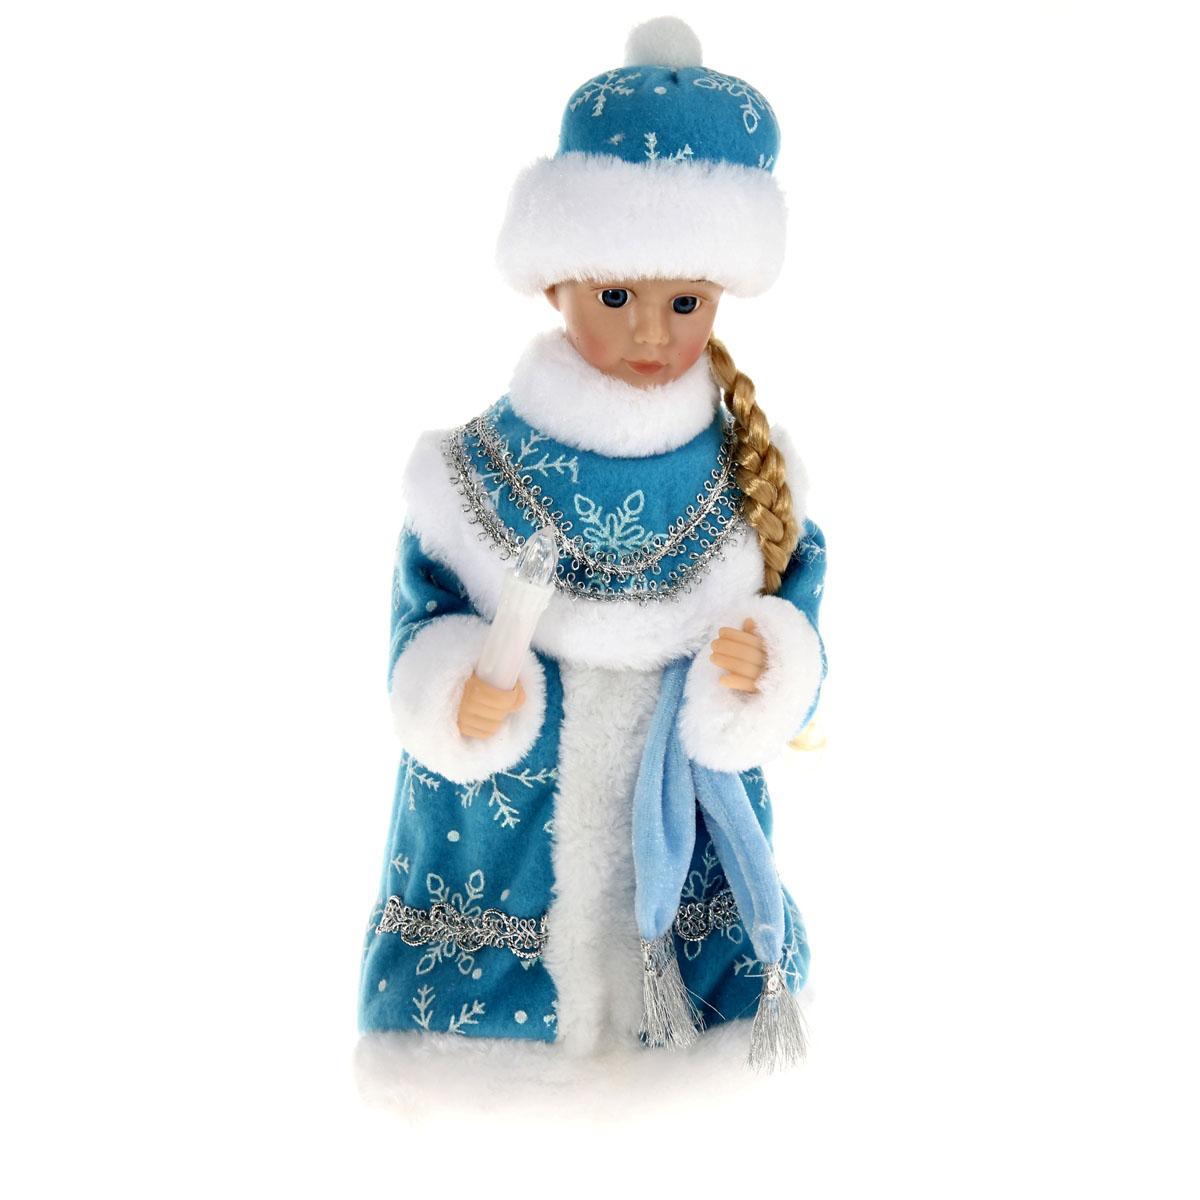 Новогодняя декоративная фигурка Sima-land Снегурочка, музыкальная, 29 см. 827836827836Новогодняя декоративная фигурка выполнена из высококачественного пластика в виде Снегурочки. Снегурочка одета в шубу с опушкой, украшенную снежинками и декоративной тесьмой. На голове шапка в цвет шубы. В руке Снегурочка держит свечку. Кукла стоит на пластиковой подставке. Особенностью фигурки является наличие механизма, при включении которого начинает играть новогодняя мелодия, свечка светится, а голова и руки Снегурочки начинают двигаться. Ее добрый вид и очаровательная улыбка притягивают к себе восторженные взгляды. Декоративная фигурка Снегурочка подойдет для оформления новогоднего интерьера и принесет с собой атмосферу радости и веселья. УВАЖАЕМЫЕ КЛИЕНТЫ! Обращаем ваше внимание на тот факт, что декоративная фигурка работает от трех батареек типа АА напряжением 1,5V. Батарейки в комплект не входят.